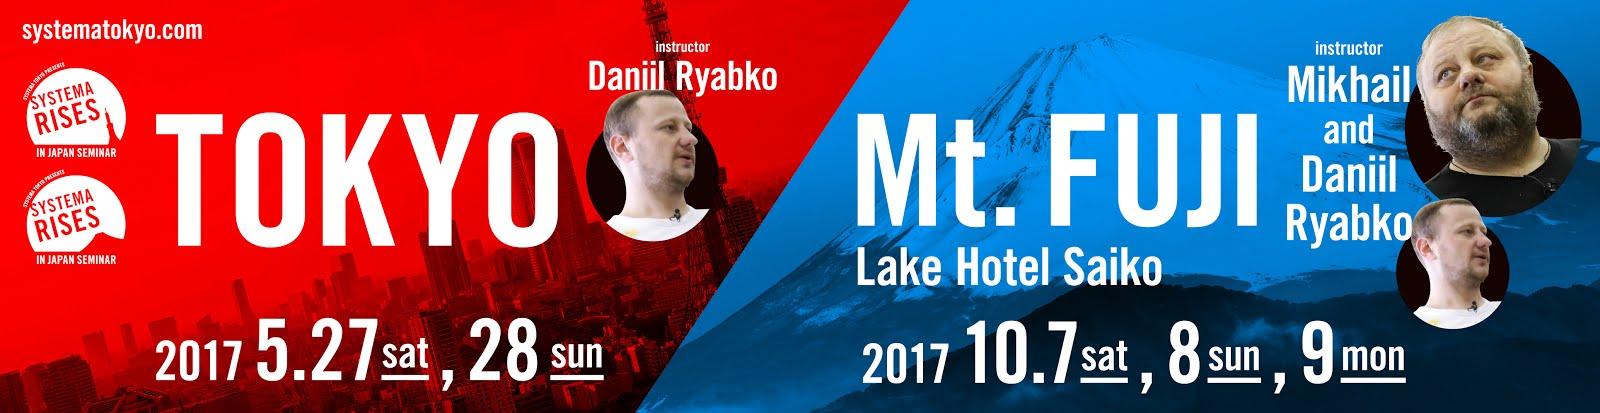 ミカエル・リャブコ富士山キャンプとダニール・リャブコセミナーのコンボパックも発売中!